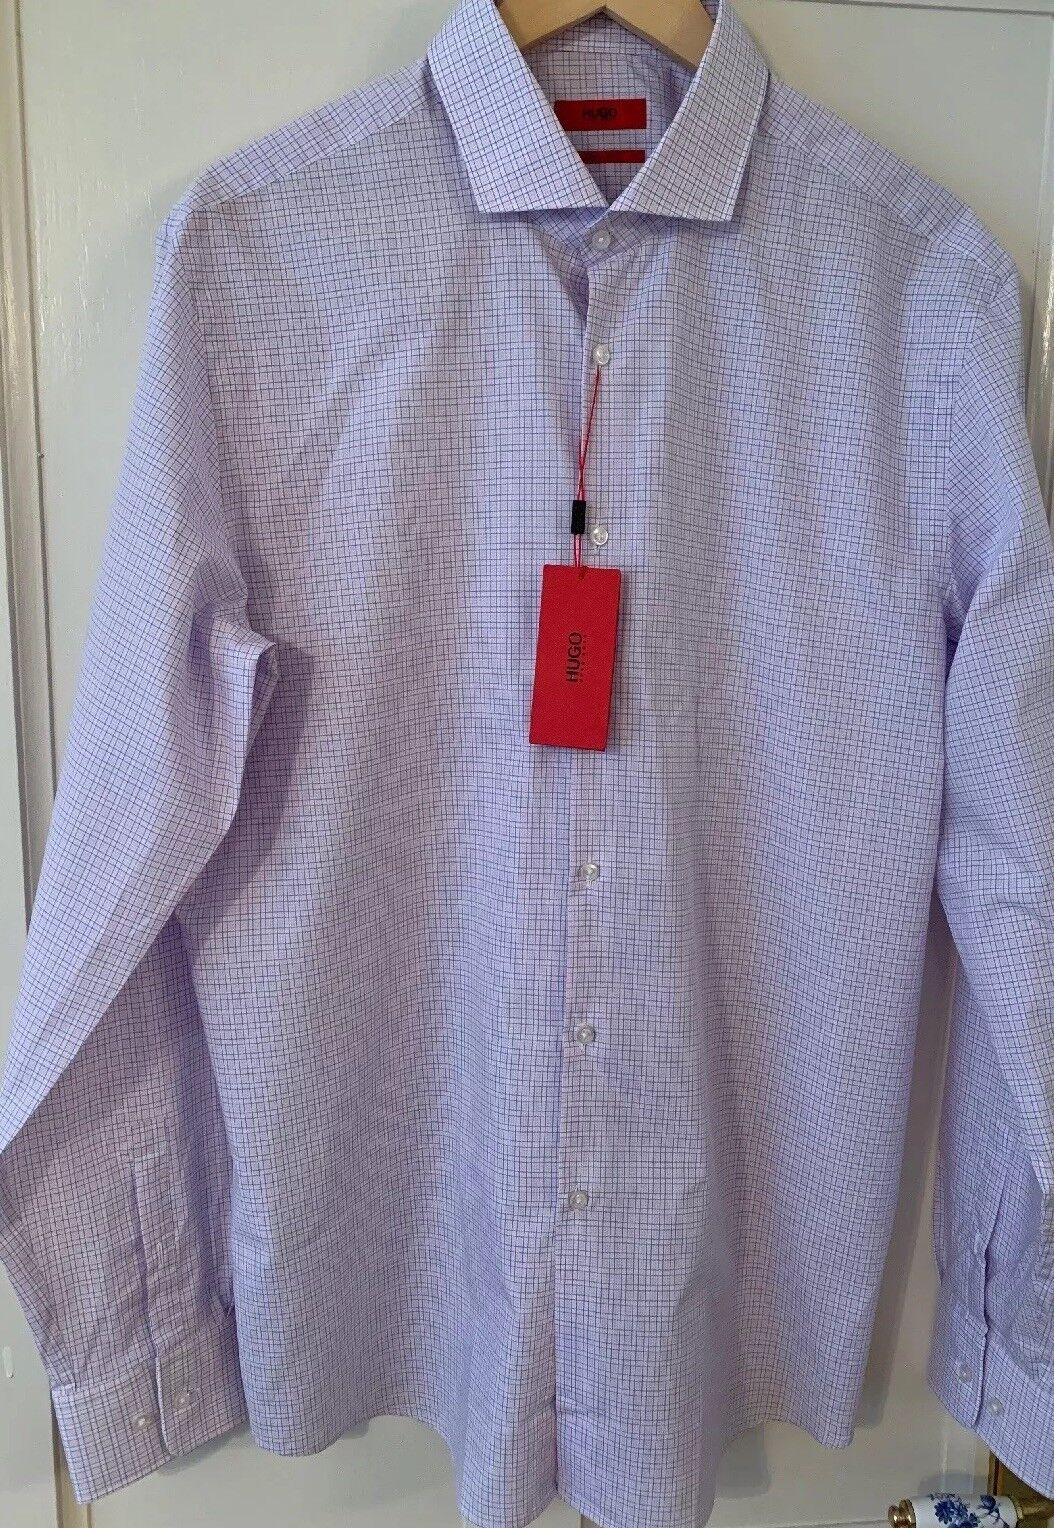 BNWT Men's Hugo Boss Sharp fit shirt Size 17 1 2